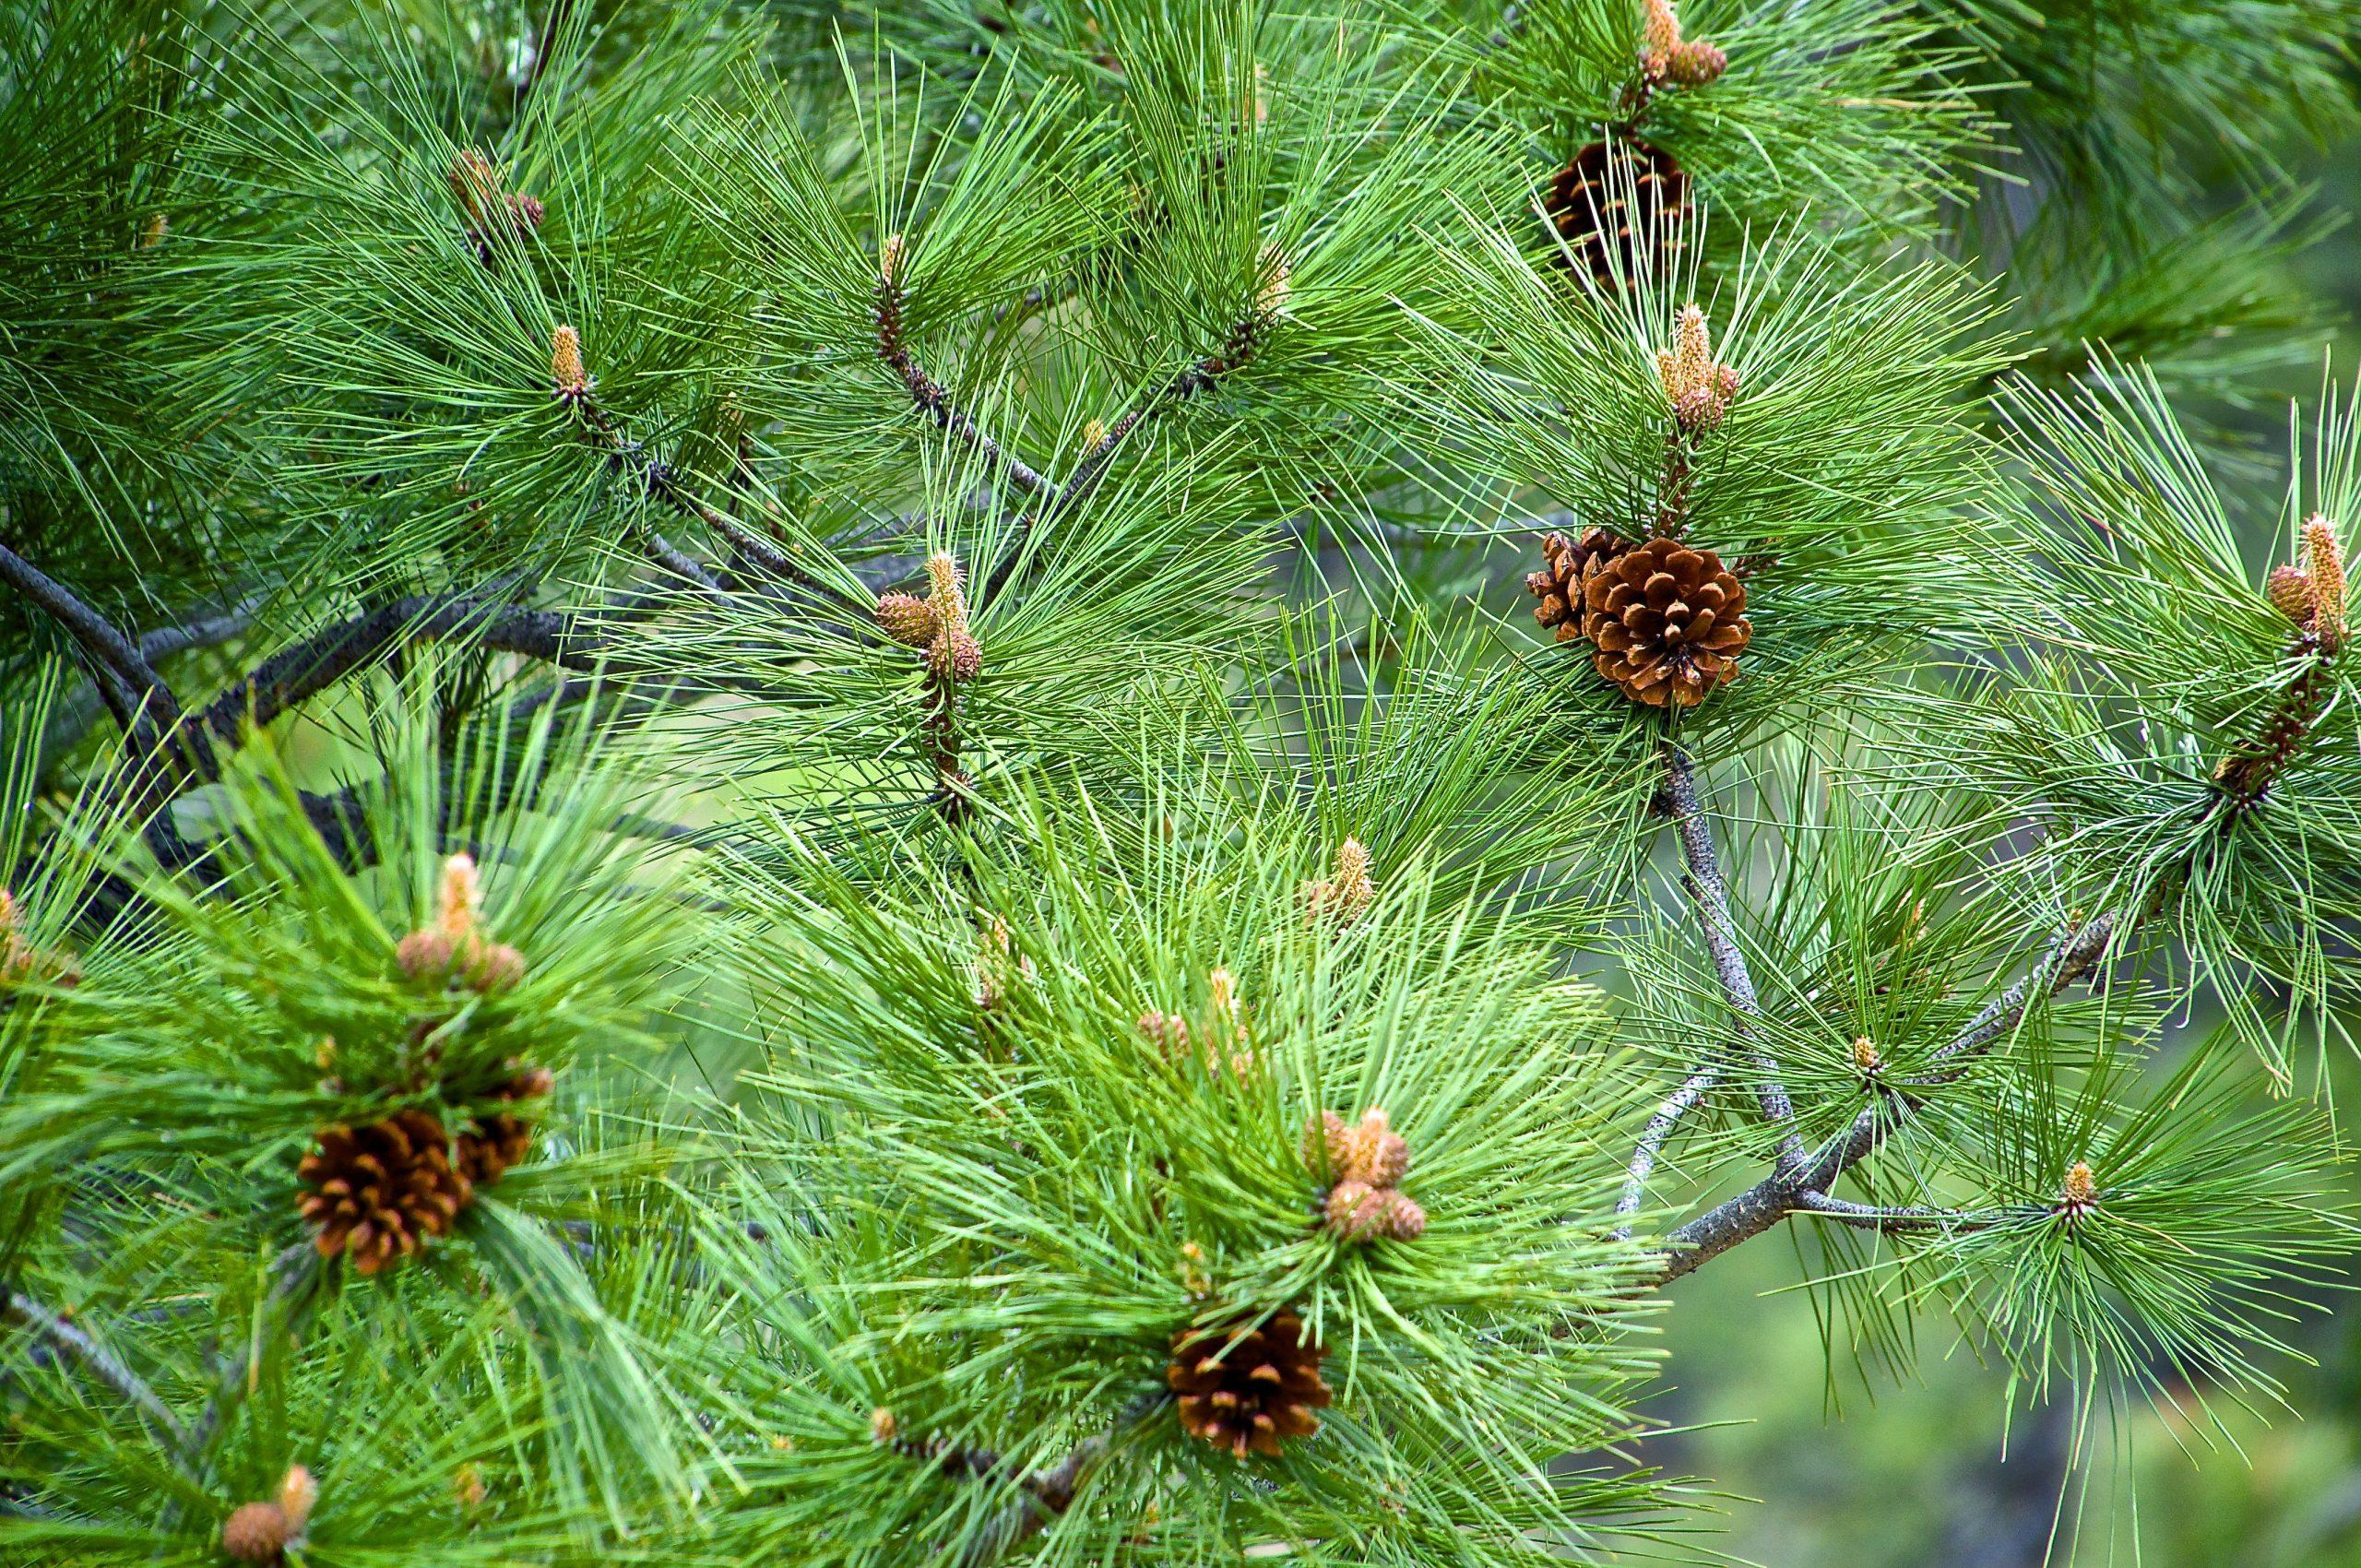 Ponderosa pine in Strawberry Fields